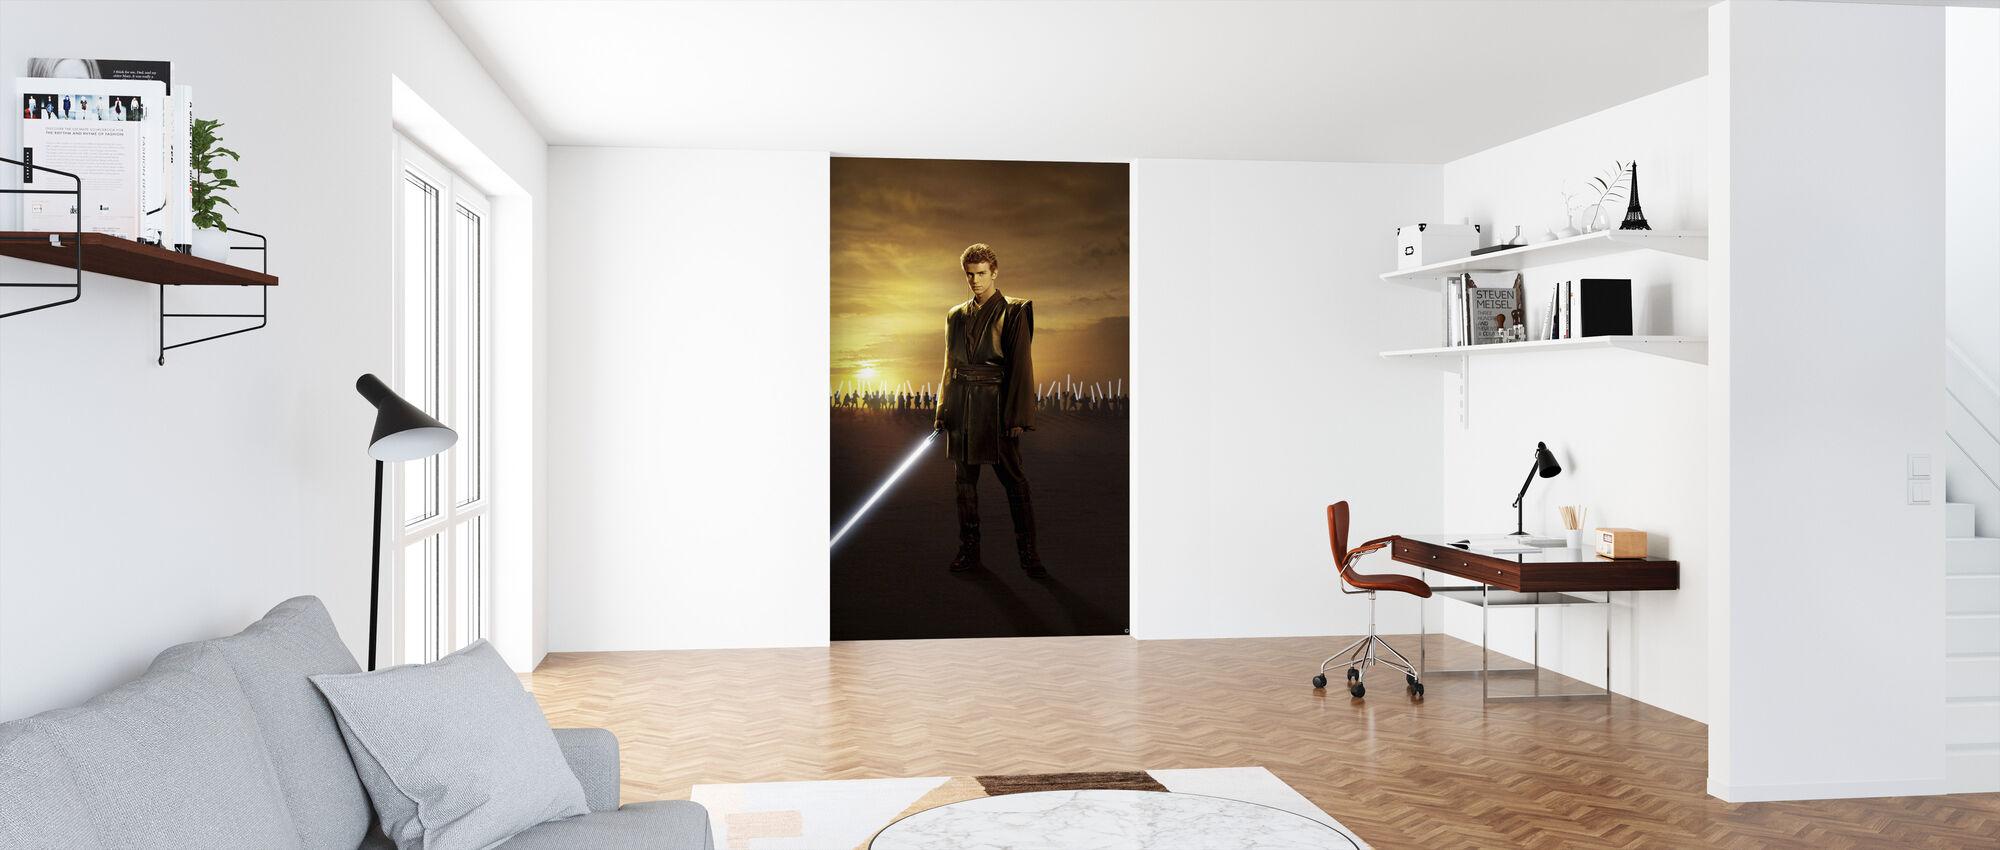 Star Wars - Anakin Skywalker Sunset - Tapetti - Toimisto